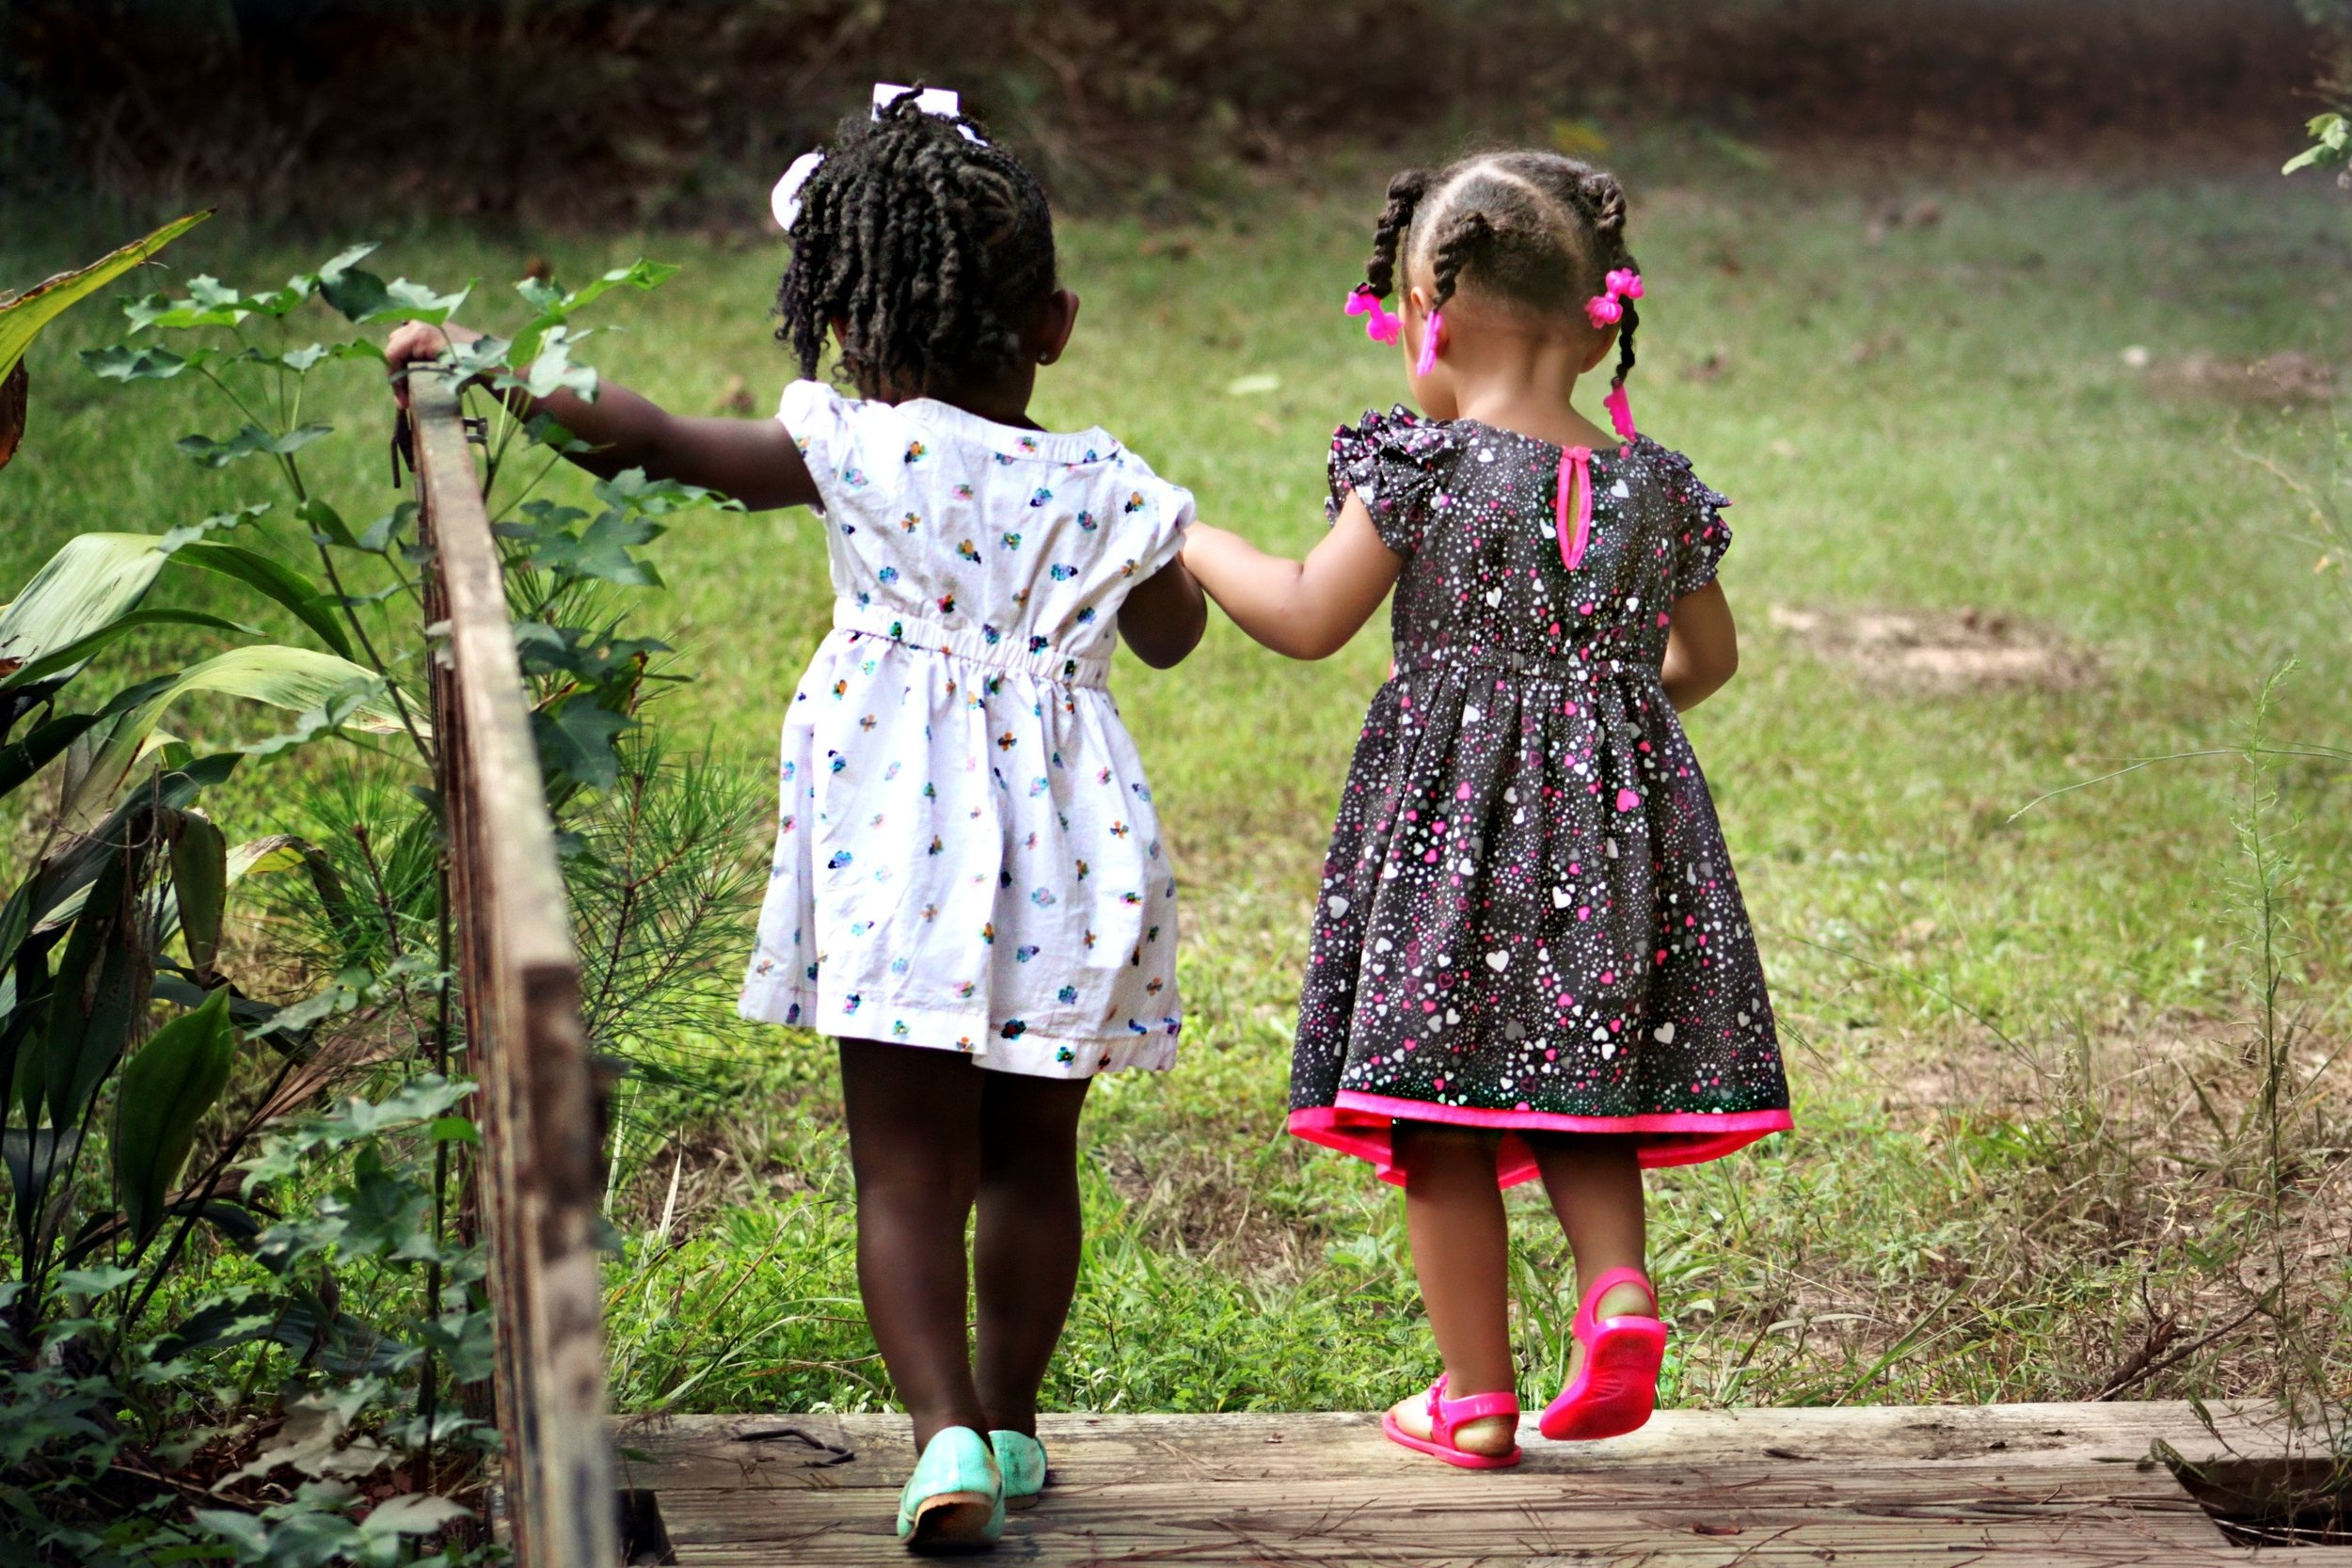 black girls holding hands pexels.jpg